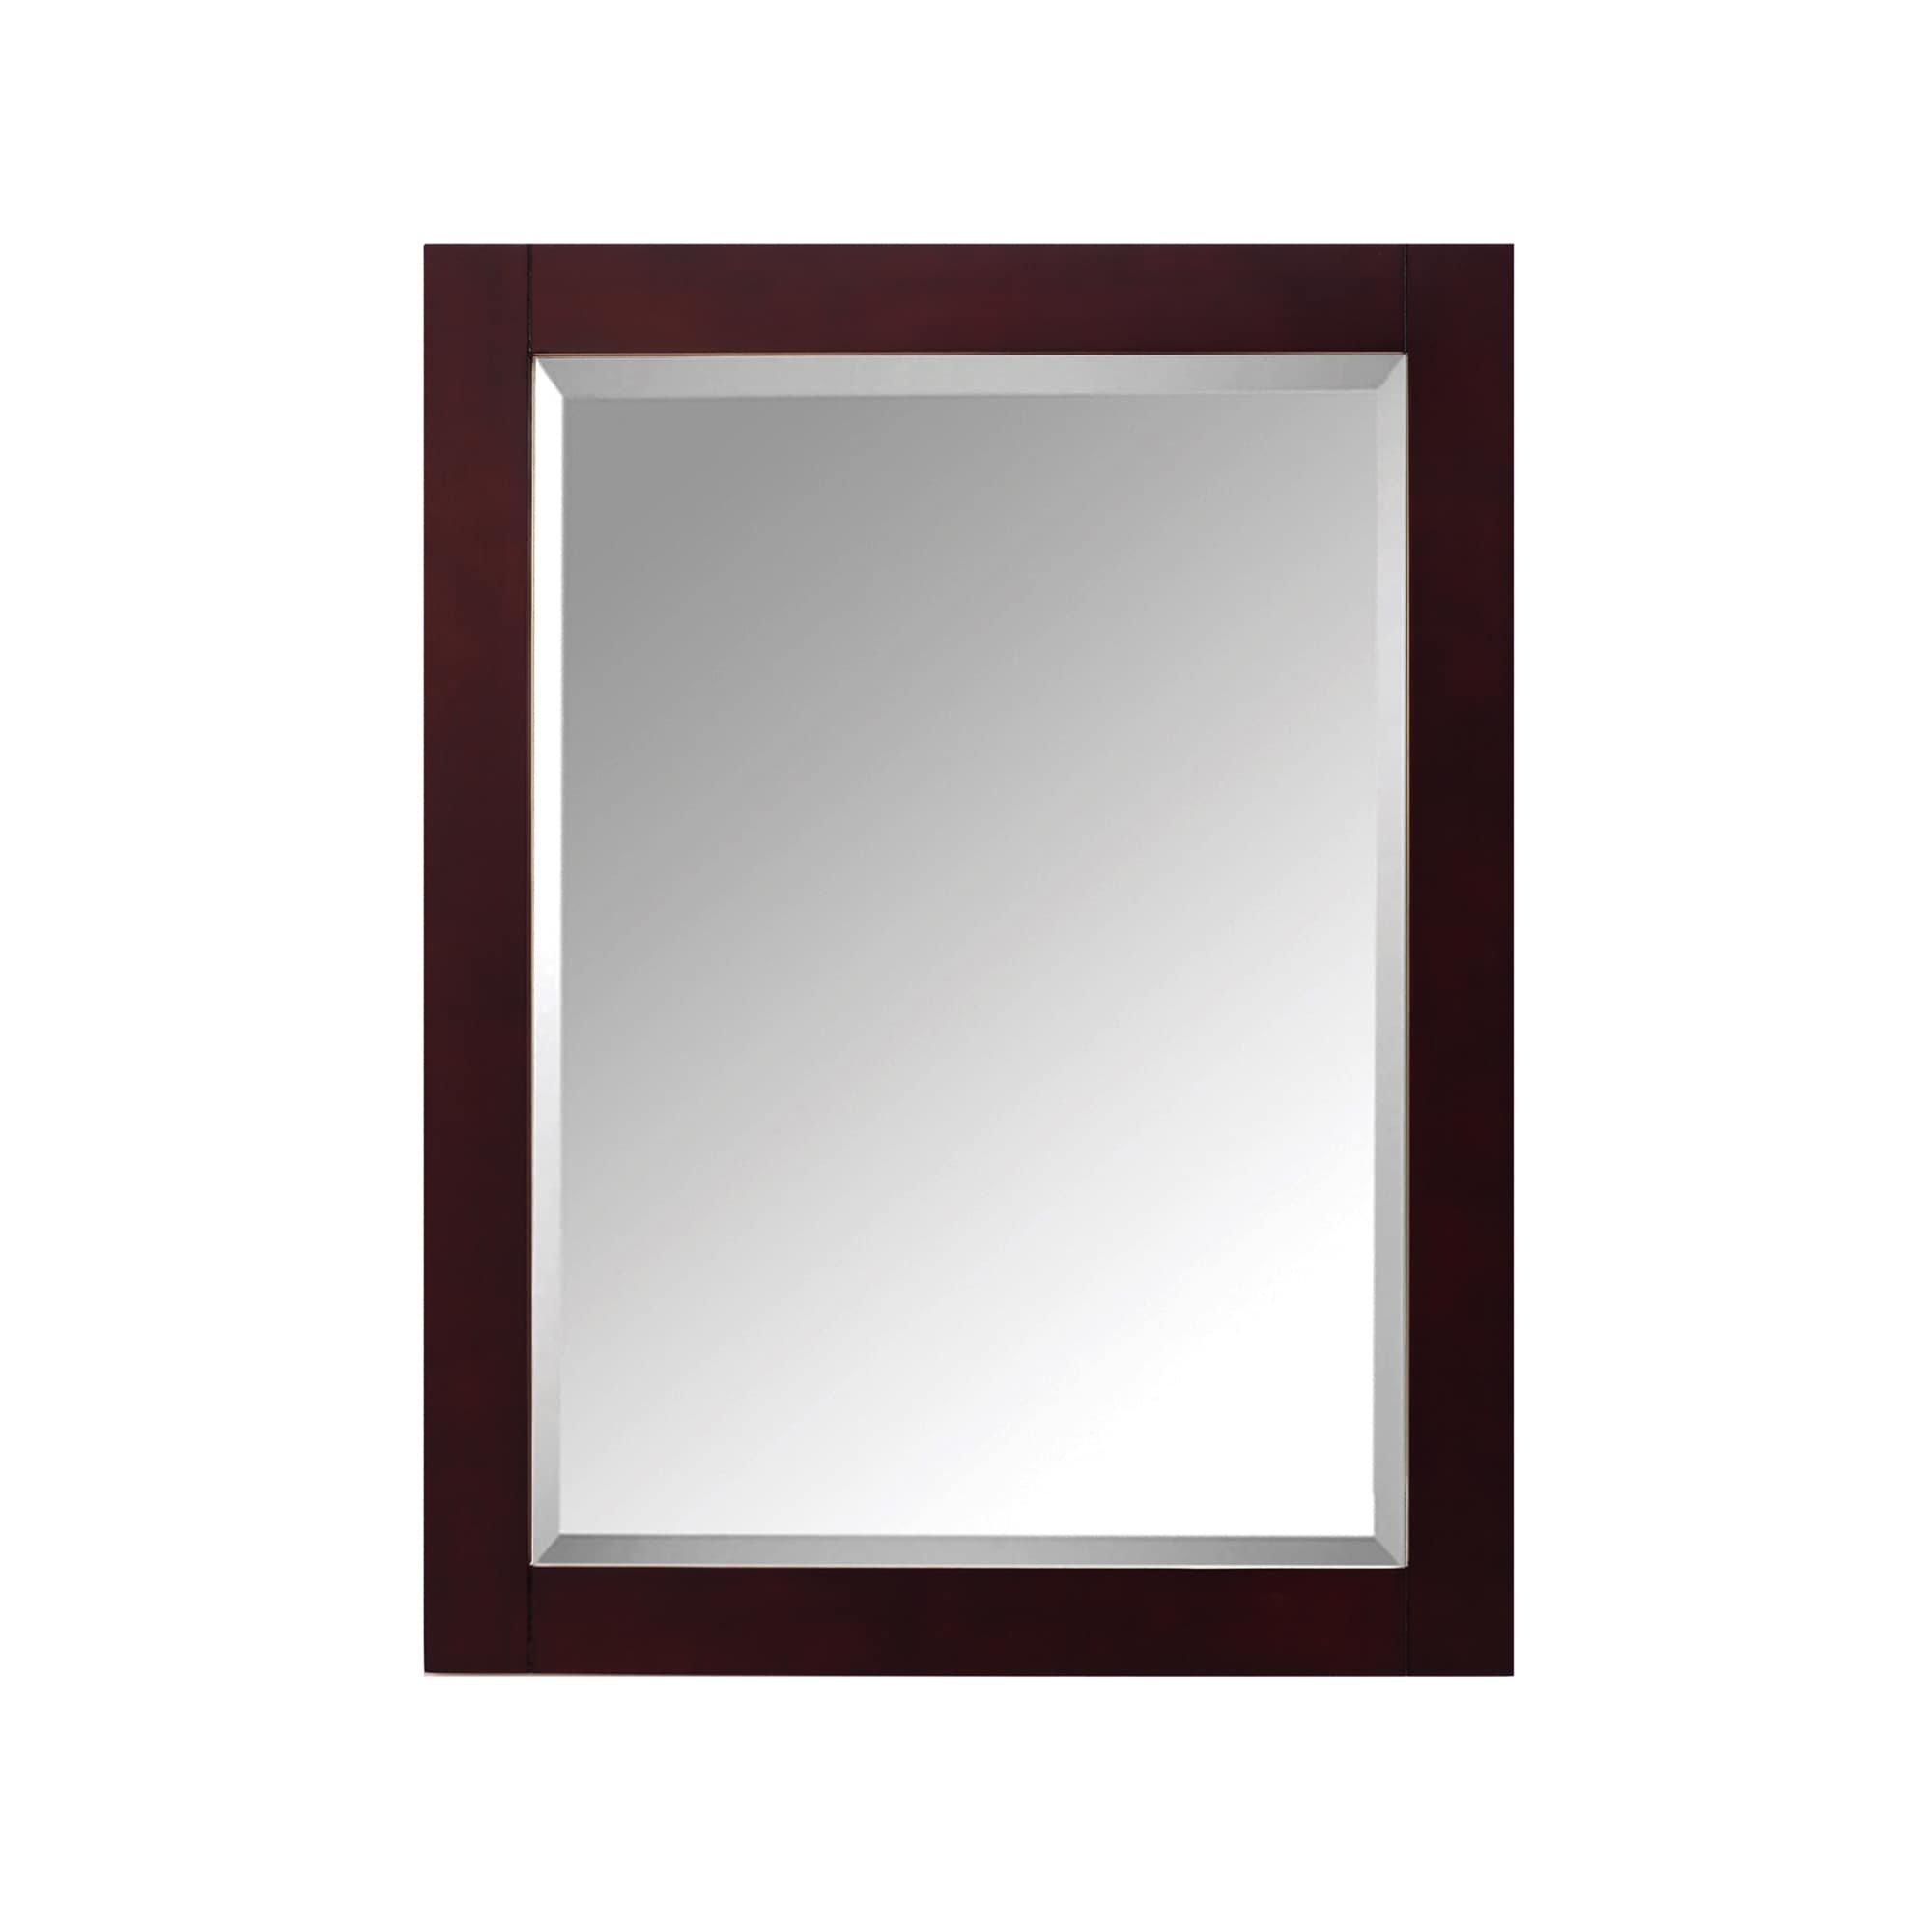 Avanity 24 in. Mirror for Modero in Espresso finish